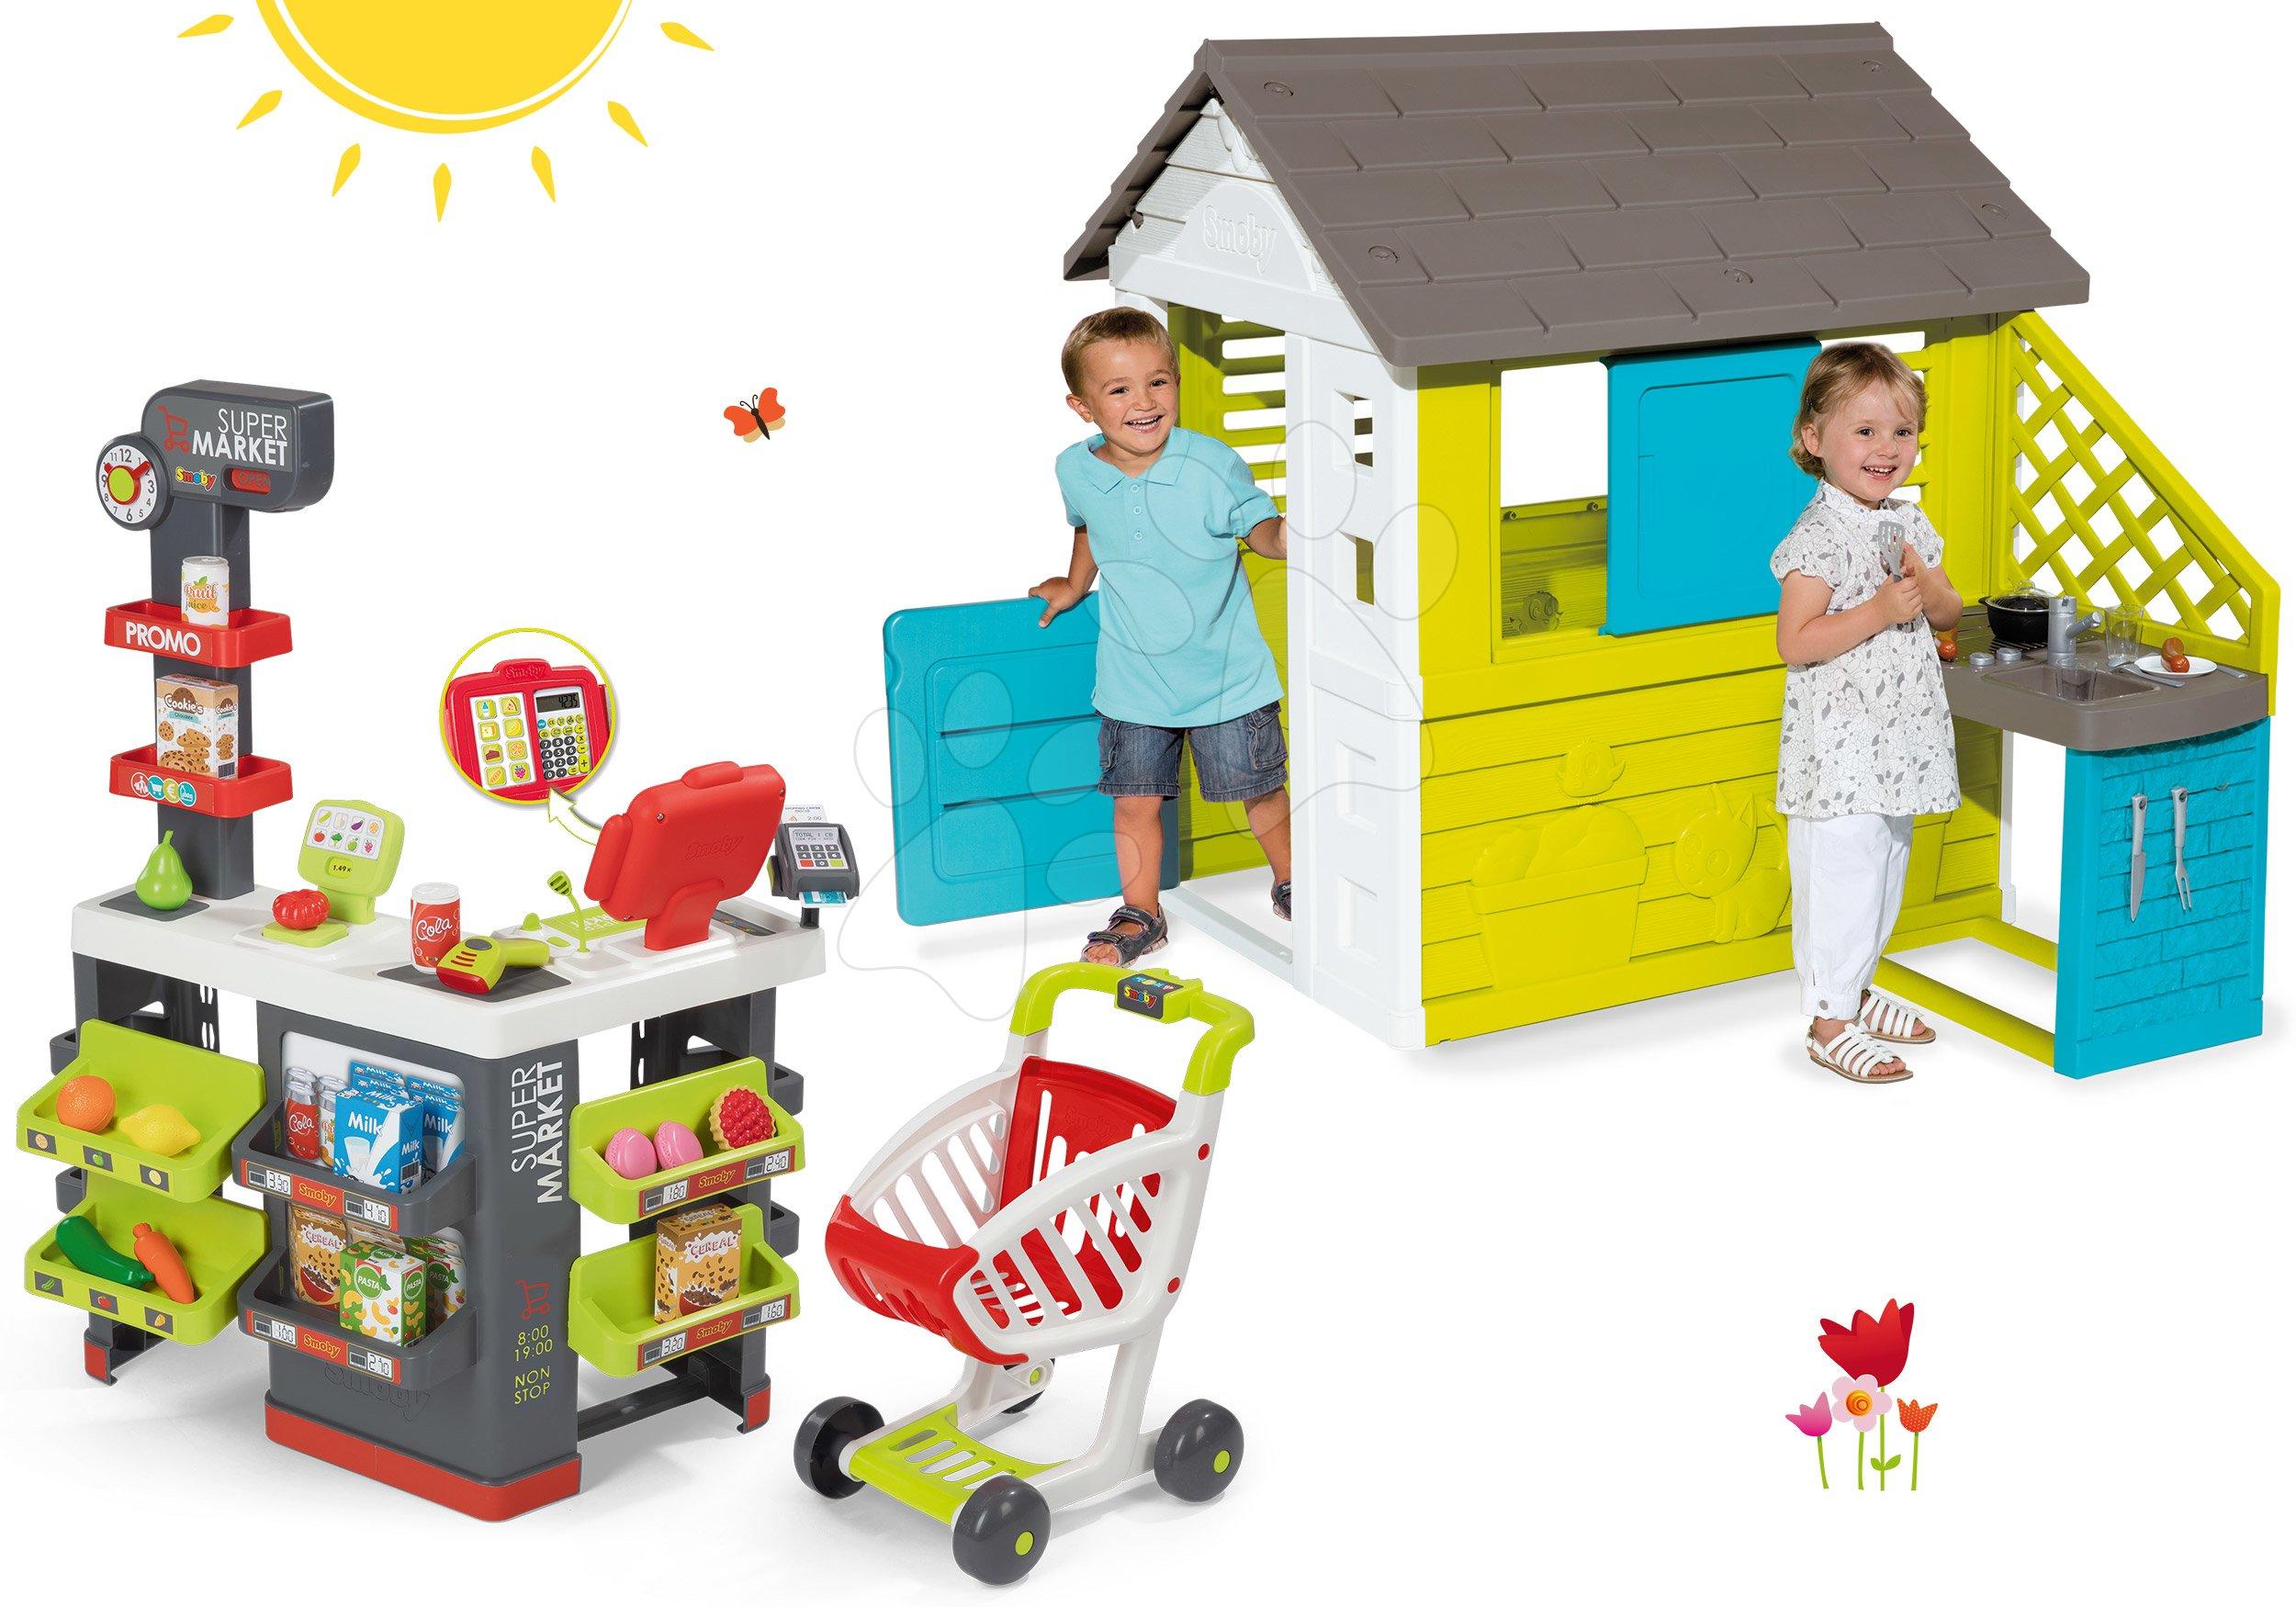 Set domeček Pretty Blue Smoby s letní kuchyňkou a elektronický obchod Supermarket od 24 měsíců